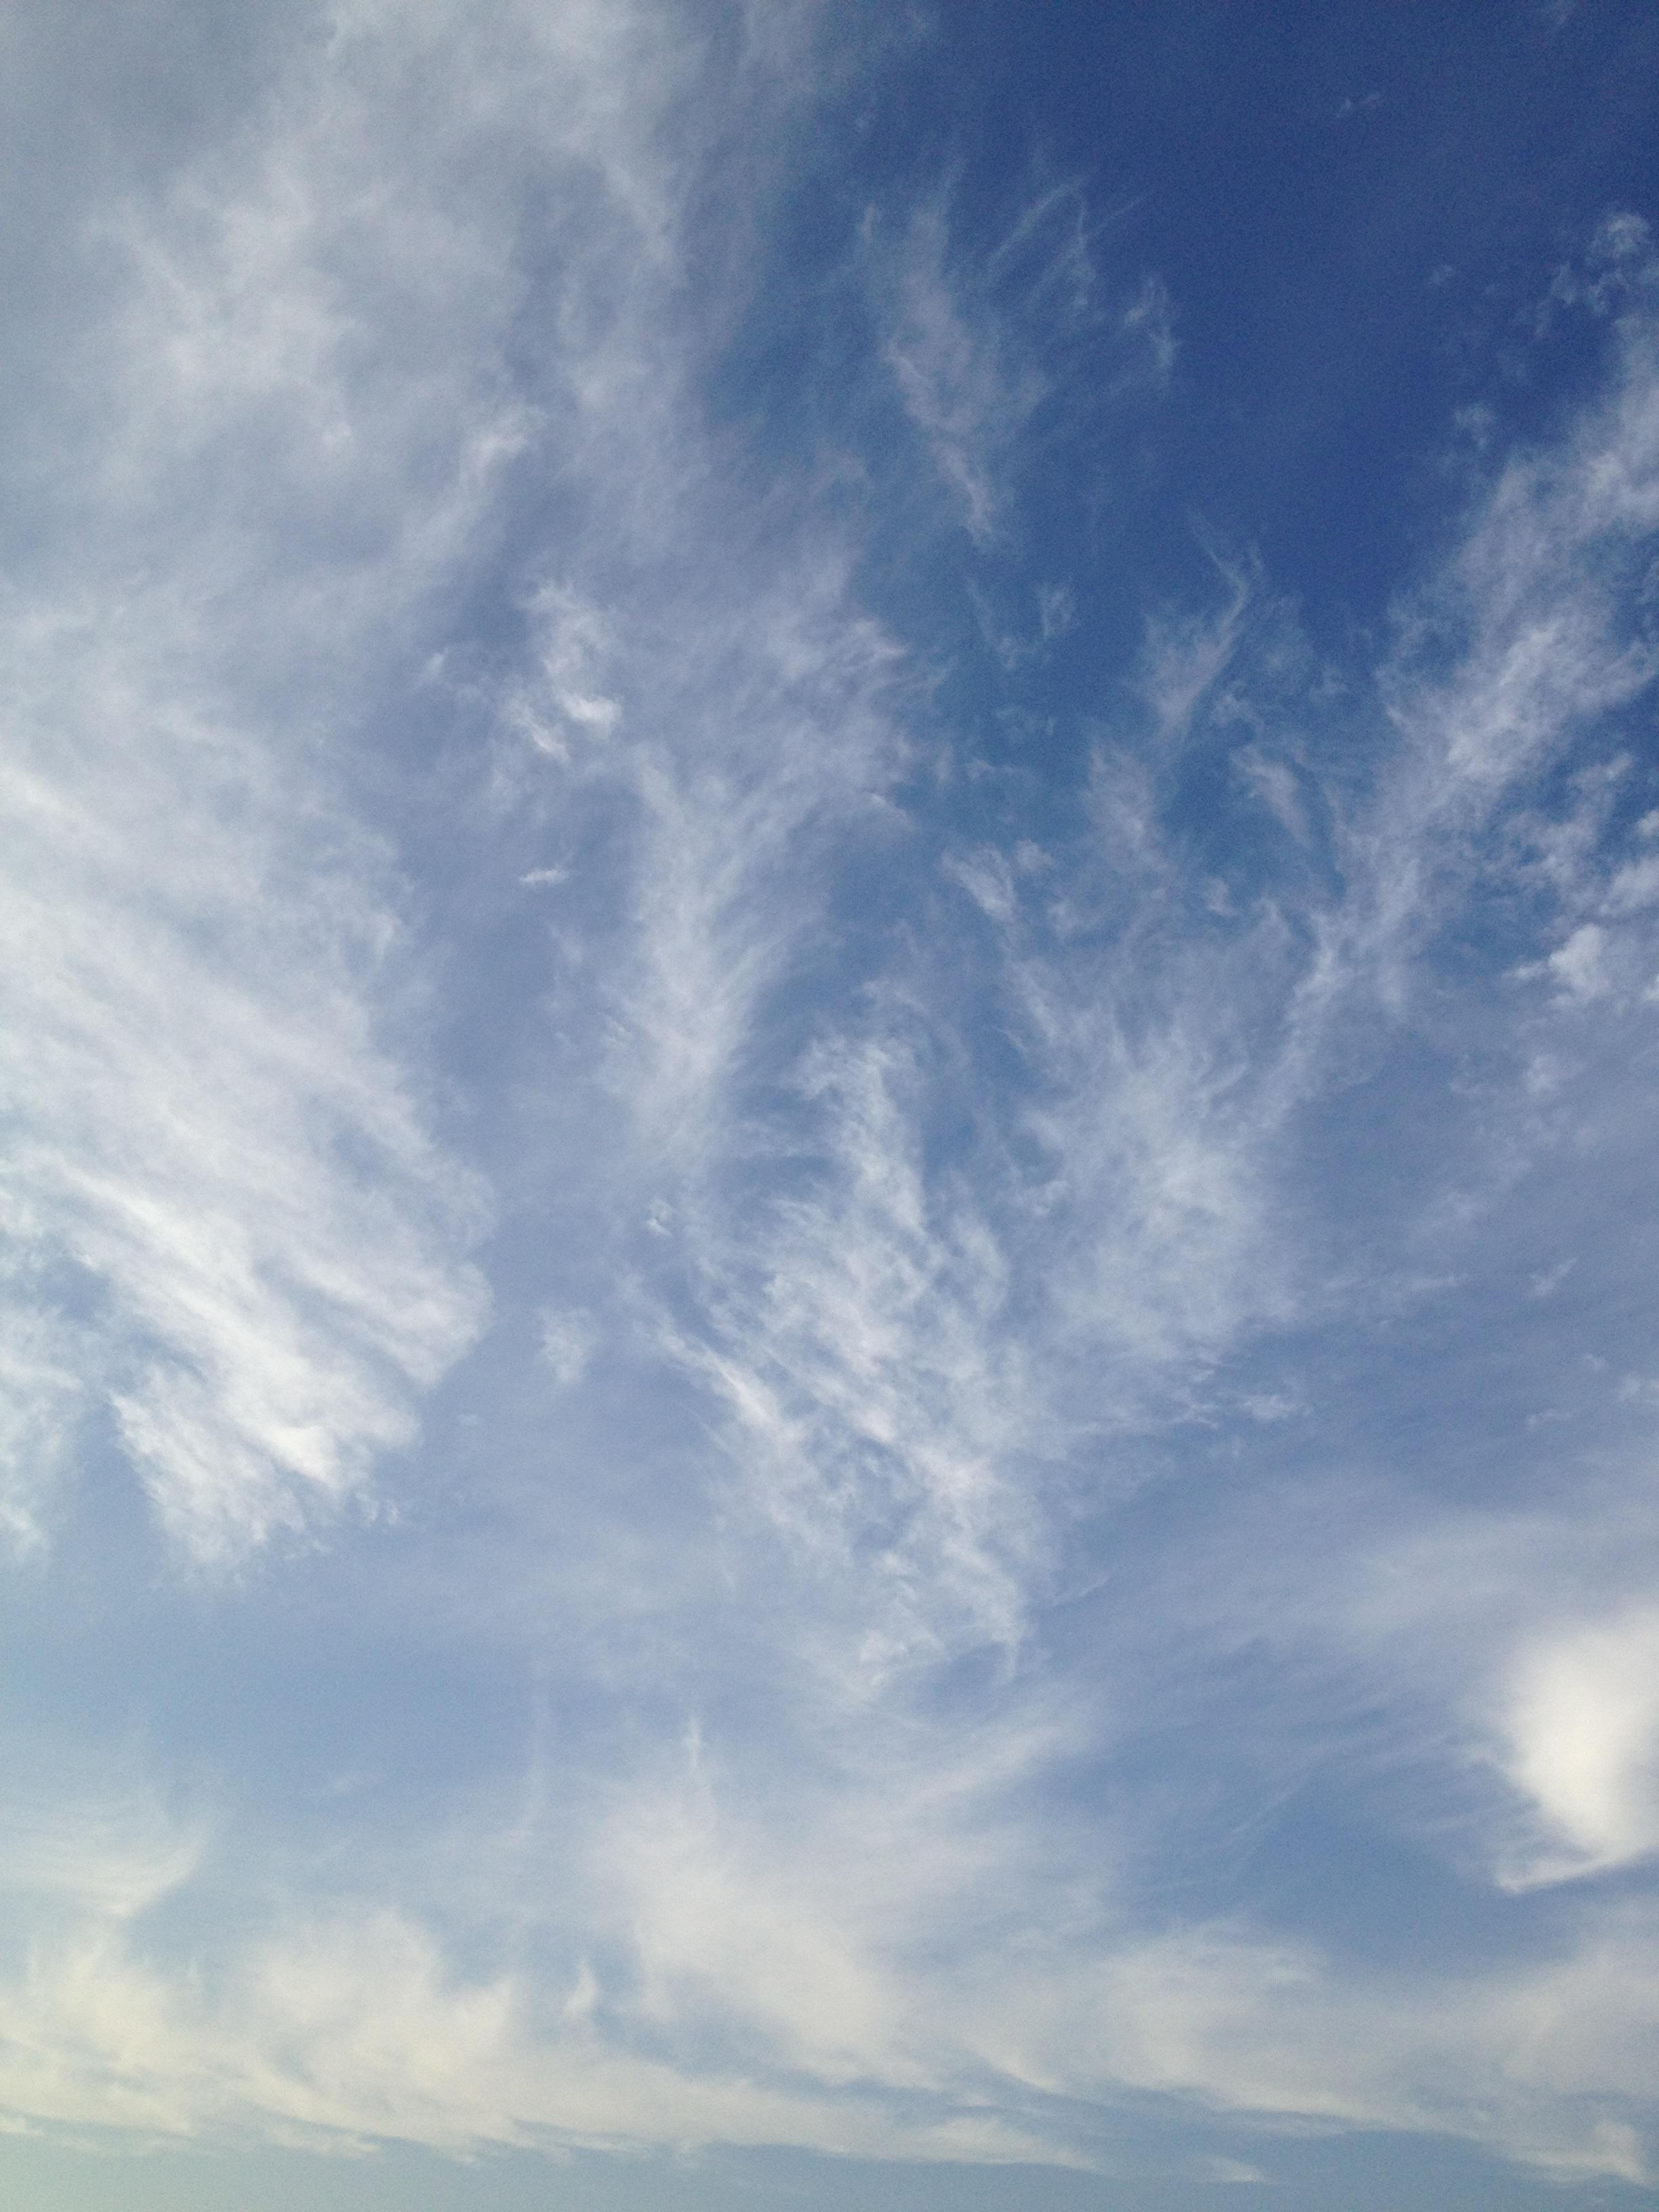 雲のモンスター